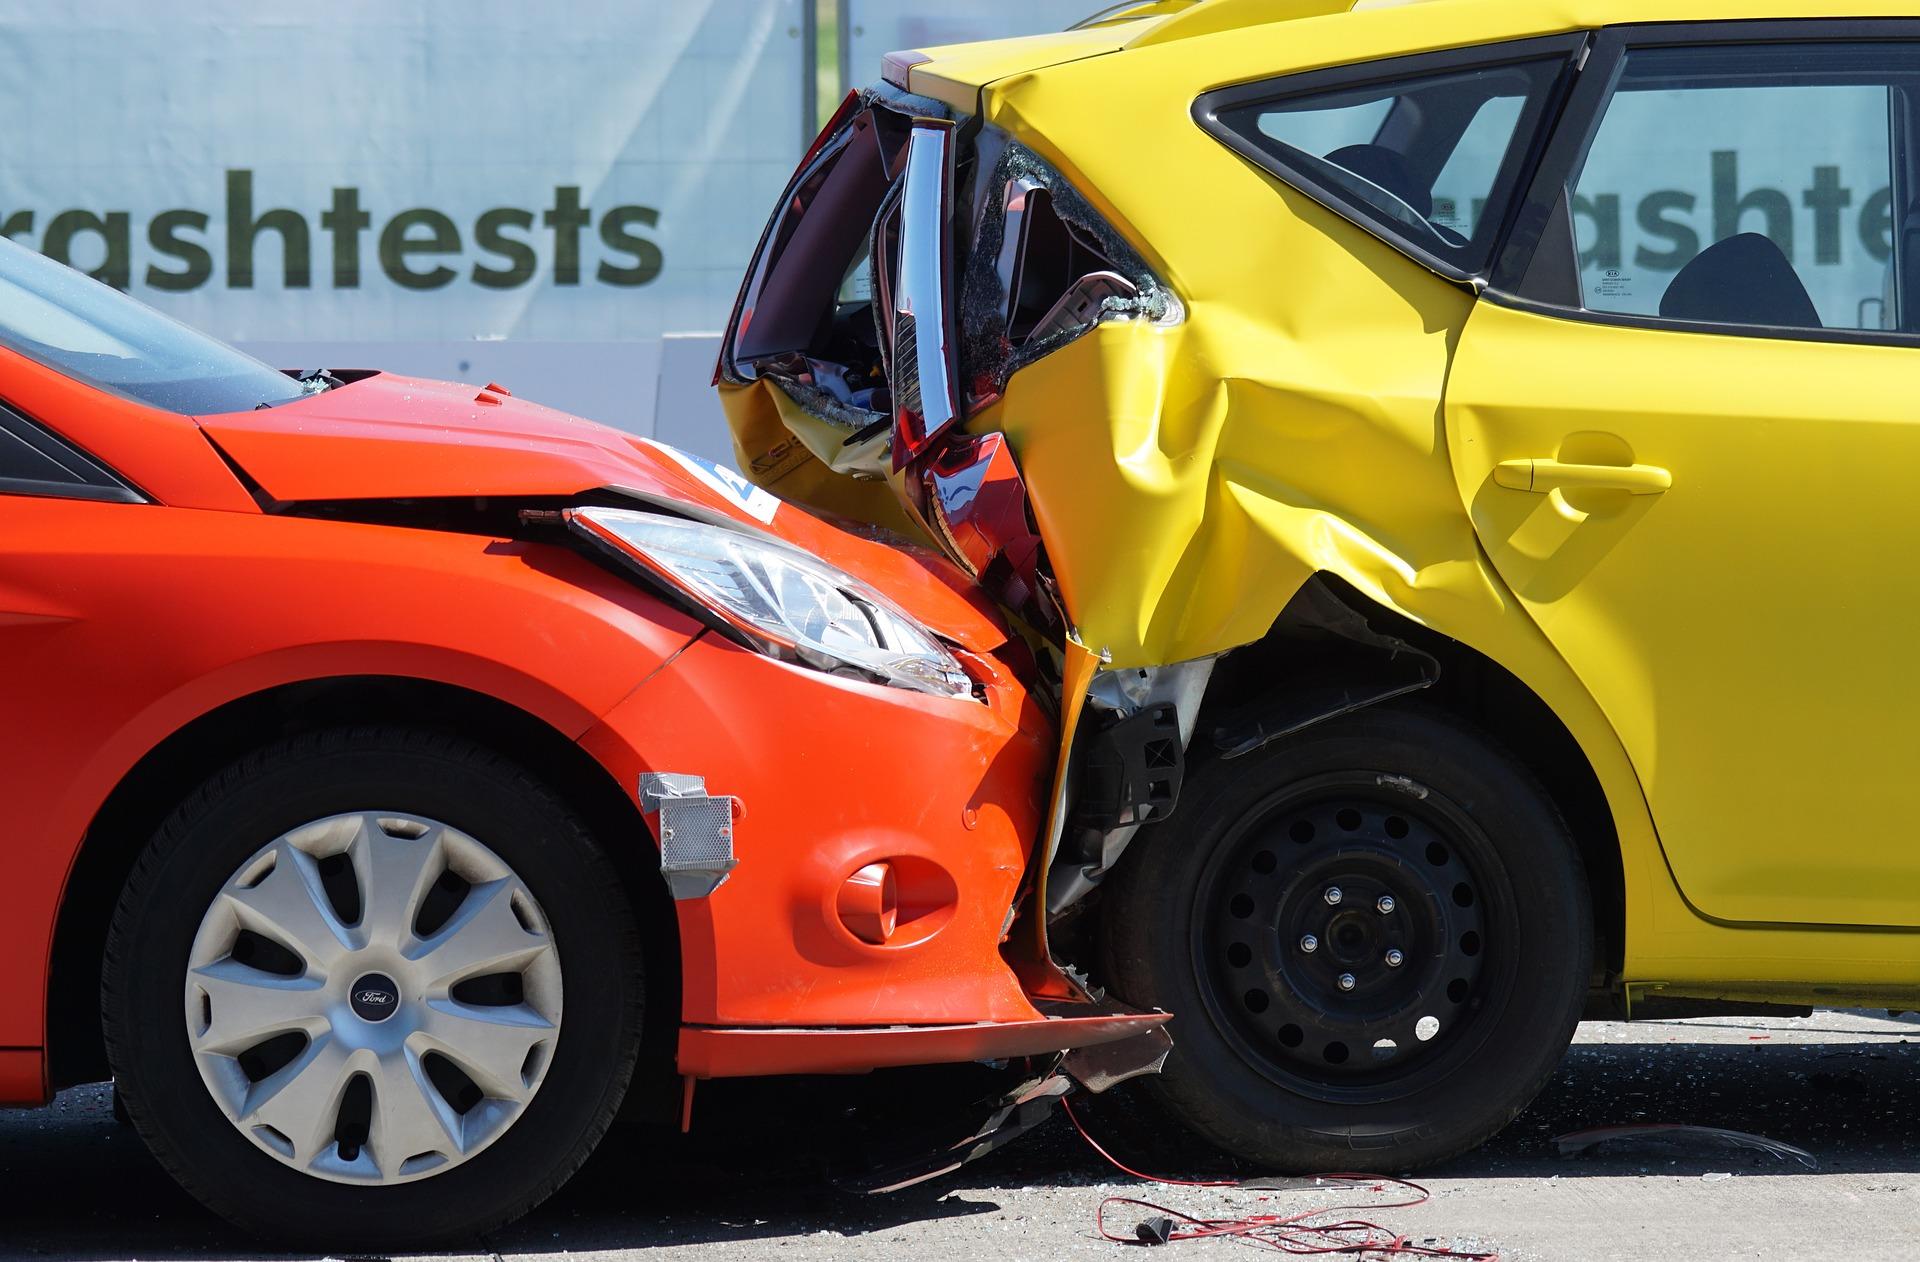 法人名義で契約できる通販型自動車保険とは —— 特徴とサービス比較